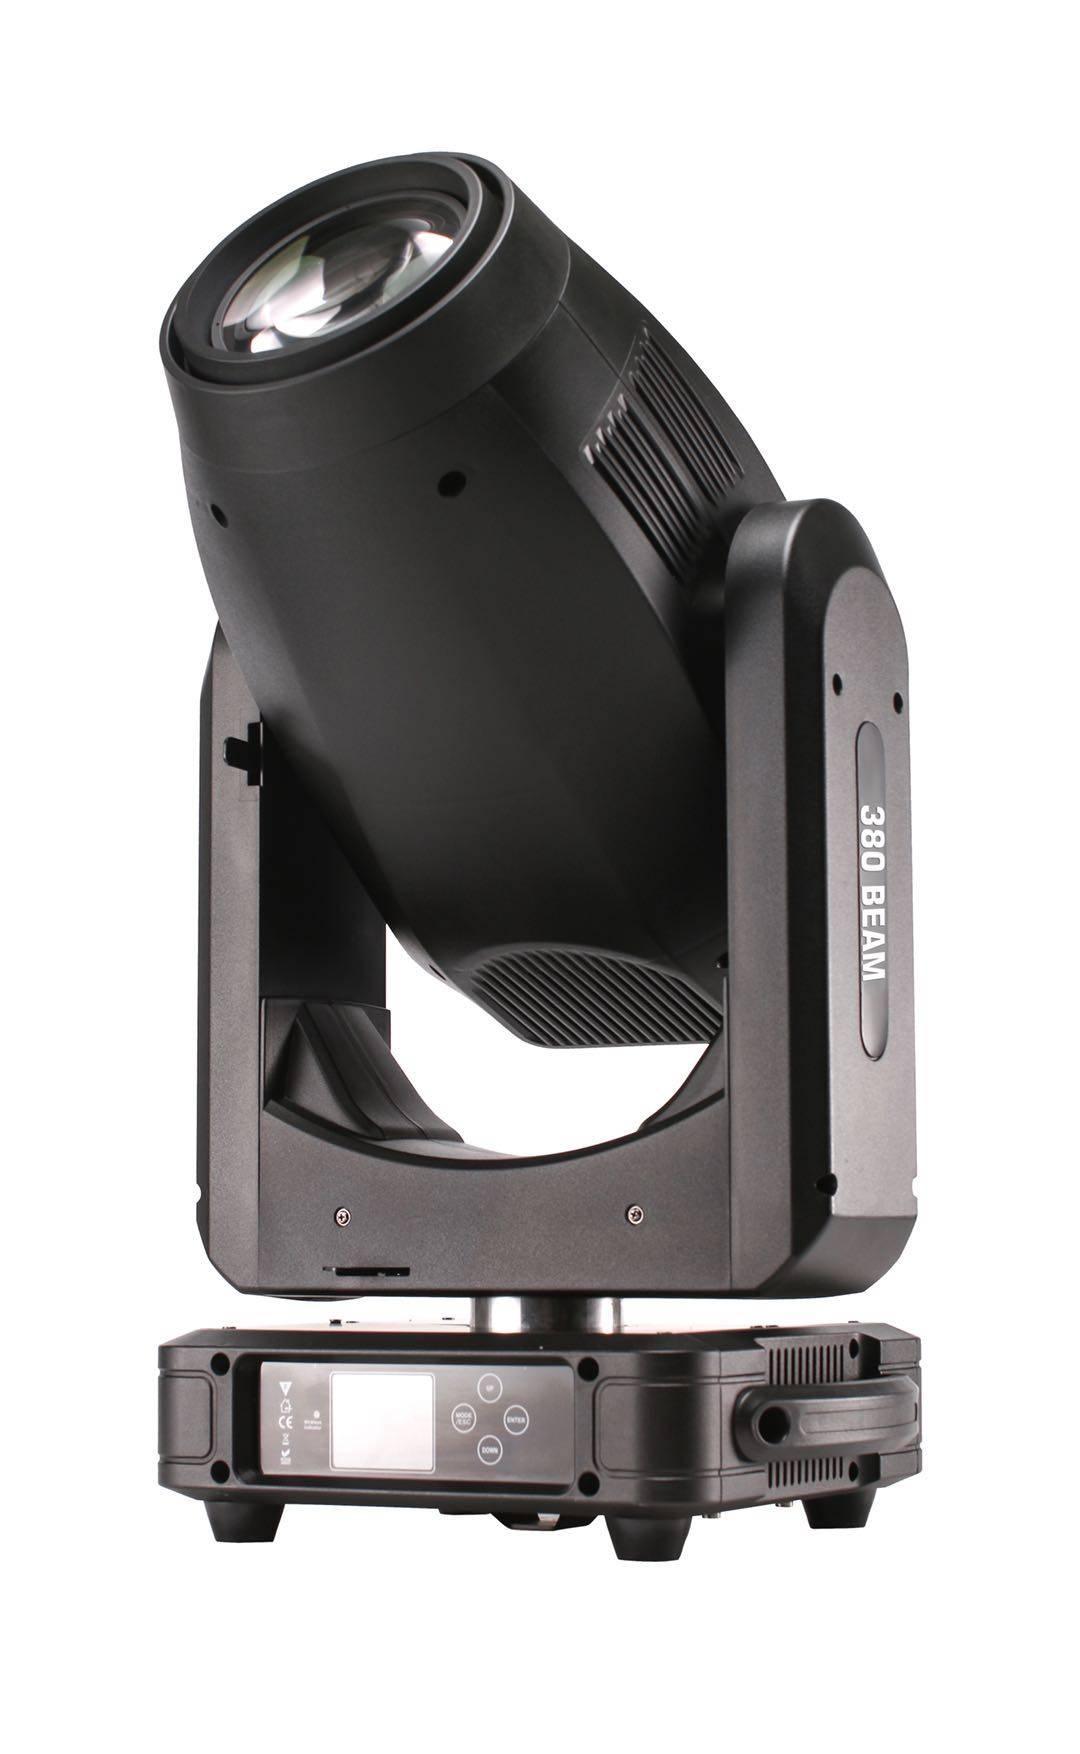 HY-B380